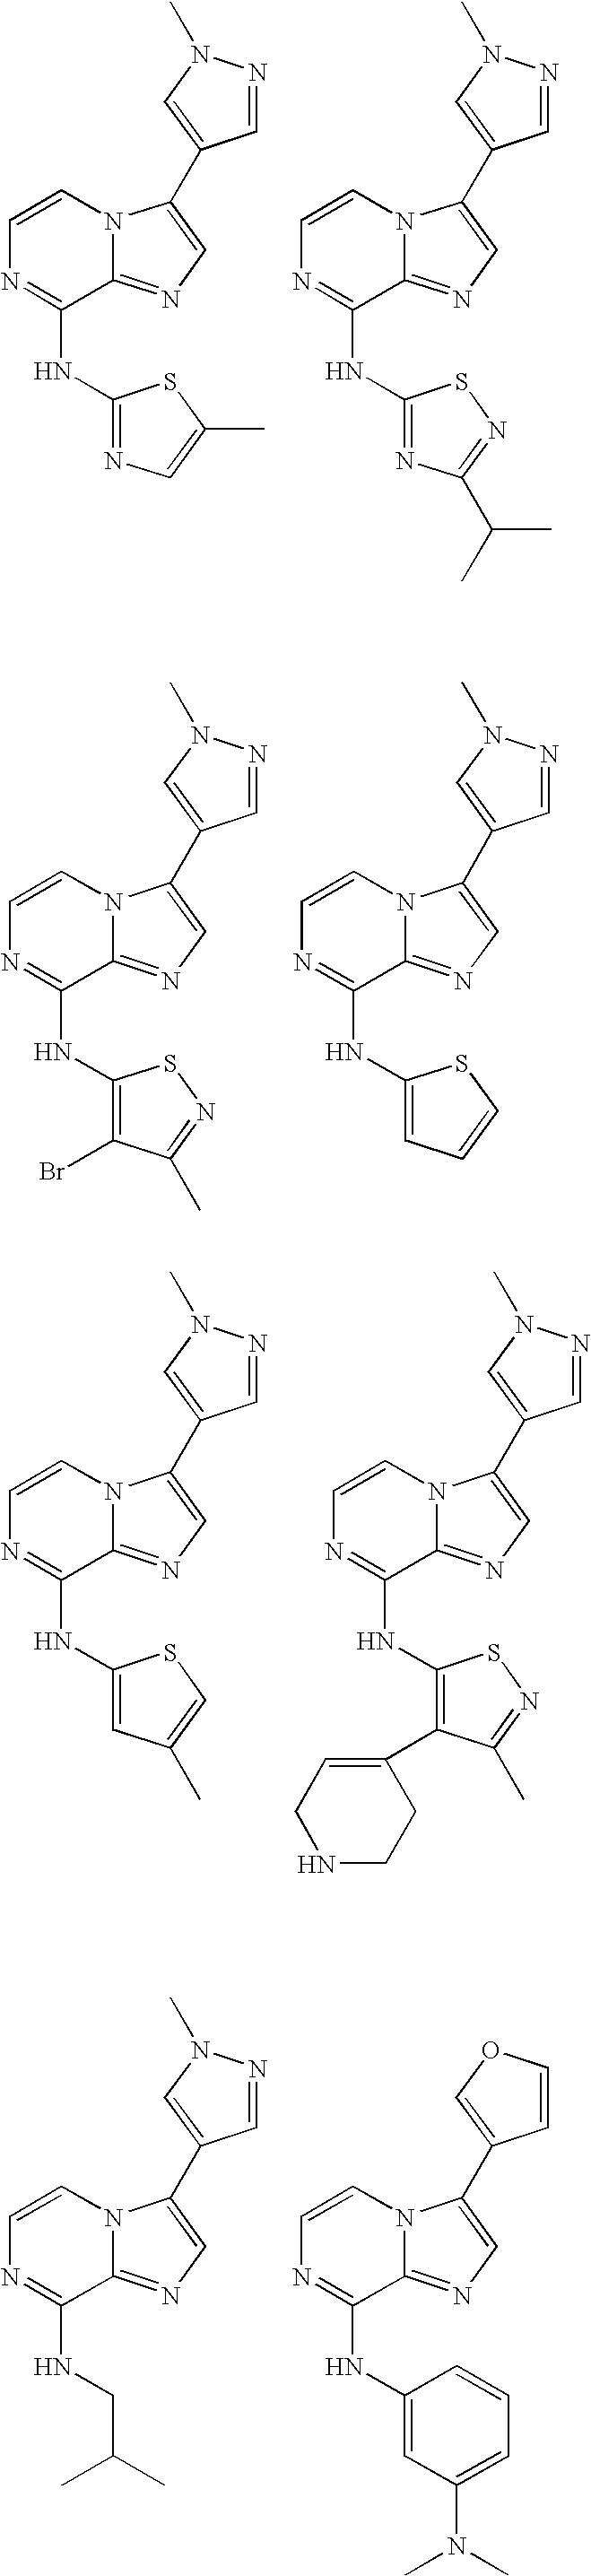 Figure US20070117804A1-20070524-C00054